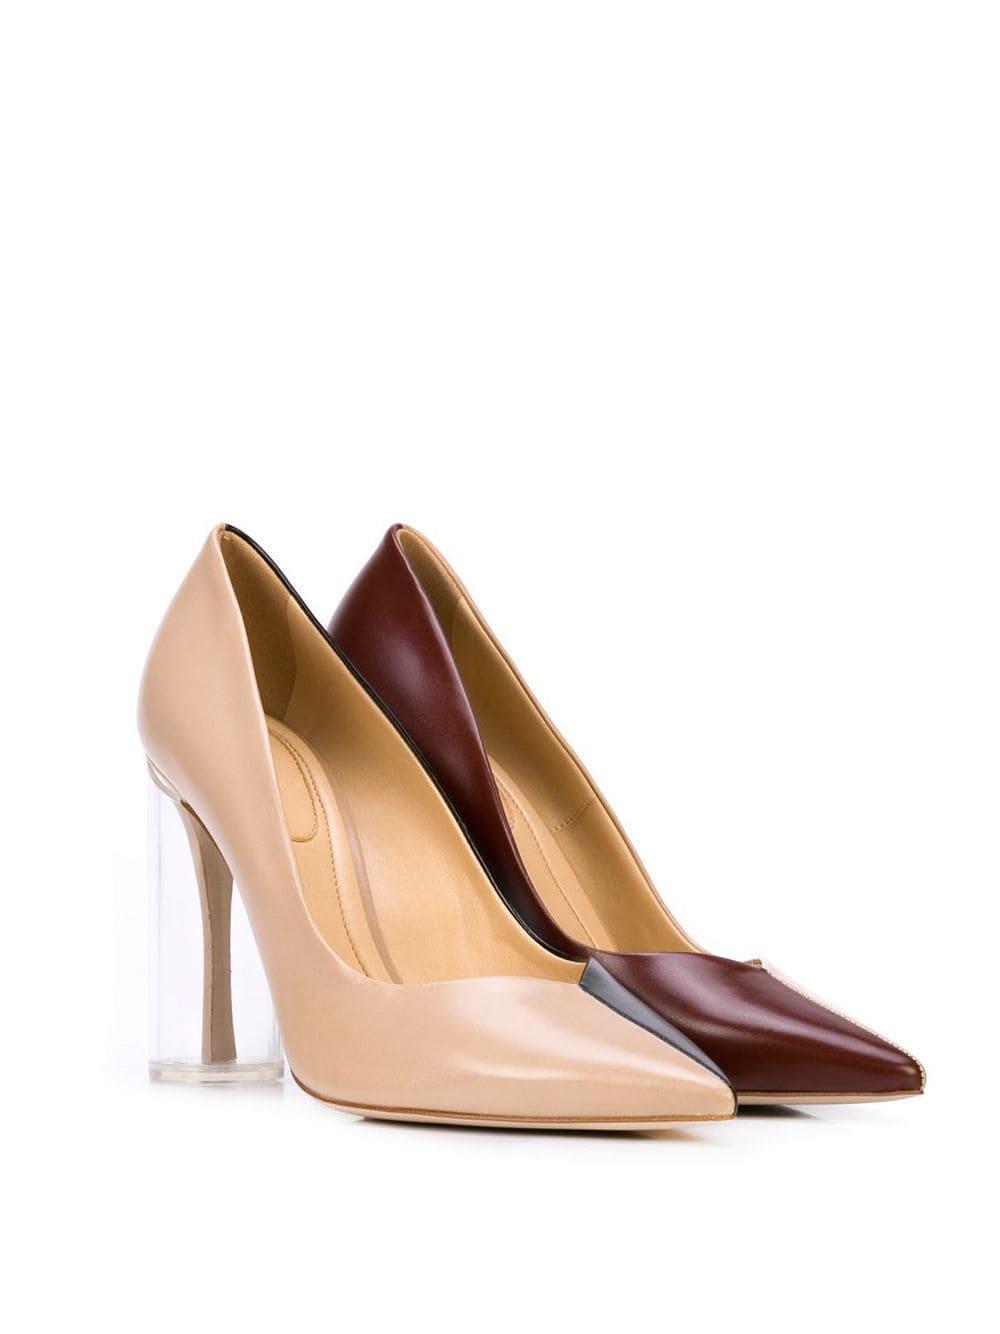 Escarpins bicolores Synthétique Rosie Assoulin en coloris Marron